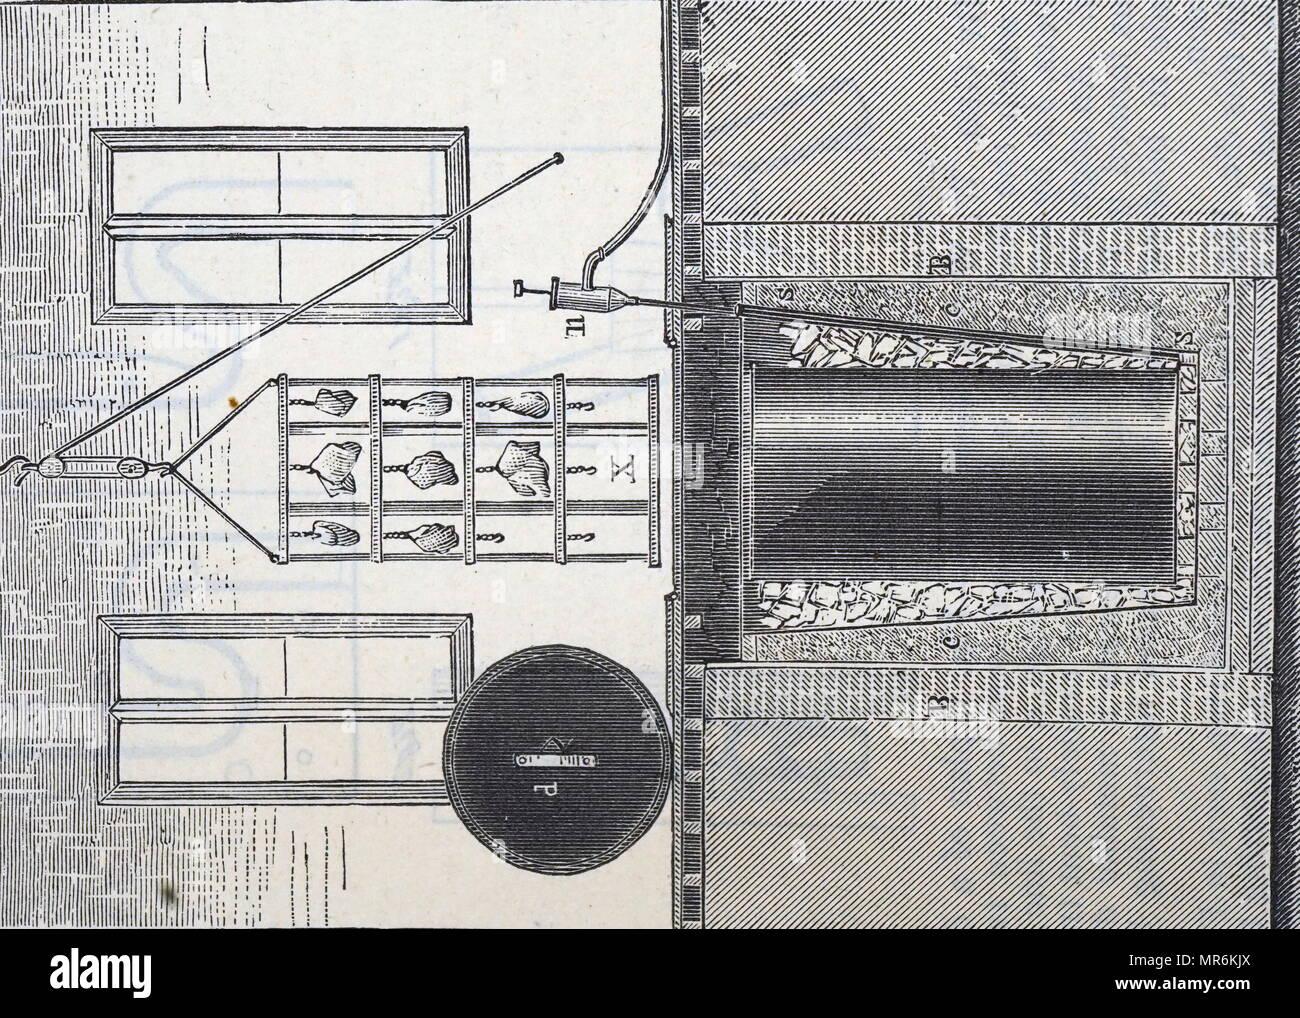 Kupferstich mit der Darstellung eines versunkenen Kühlhaus für eine Metzgerei. Eis wurde um ein Bügeleisen Tank: Pumpe, n verpackt, entfernt Wasser. Vom 19. Jahrhundert Stockbild